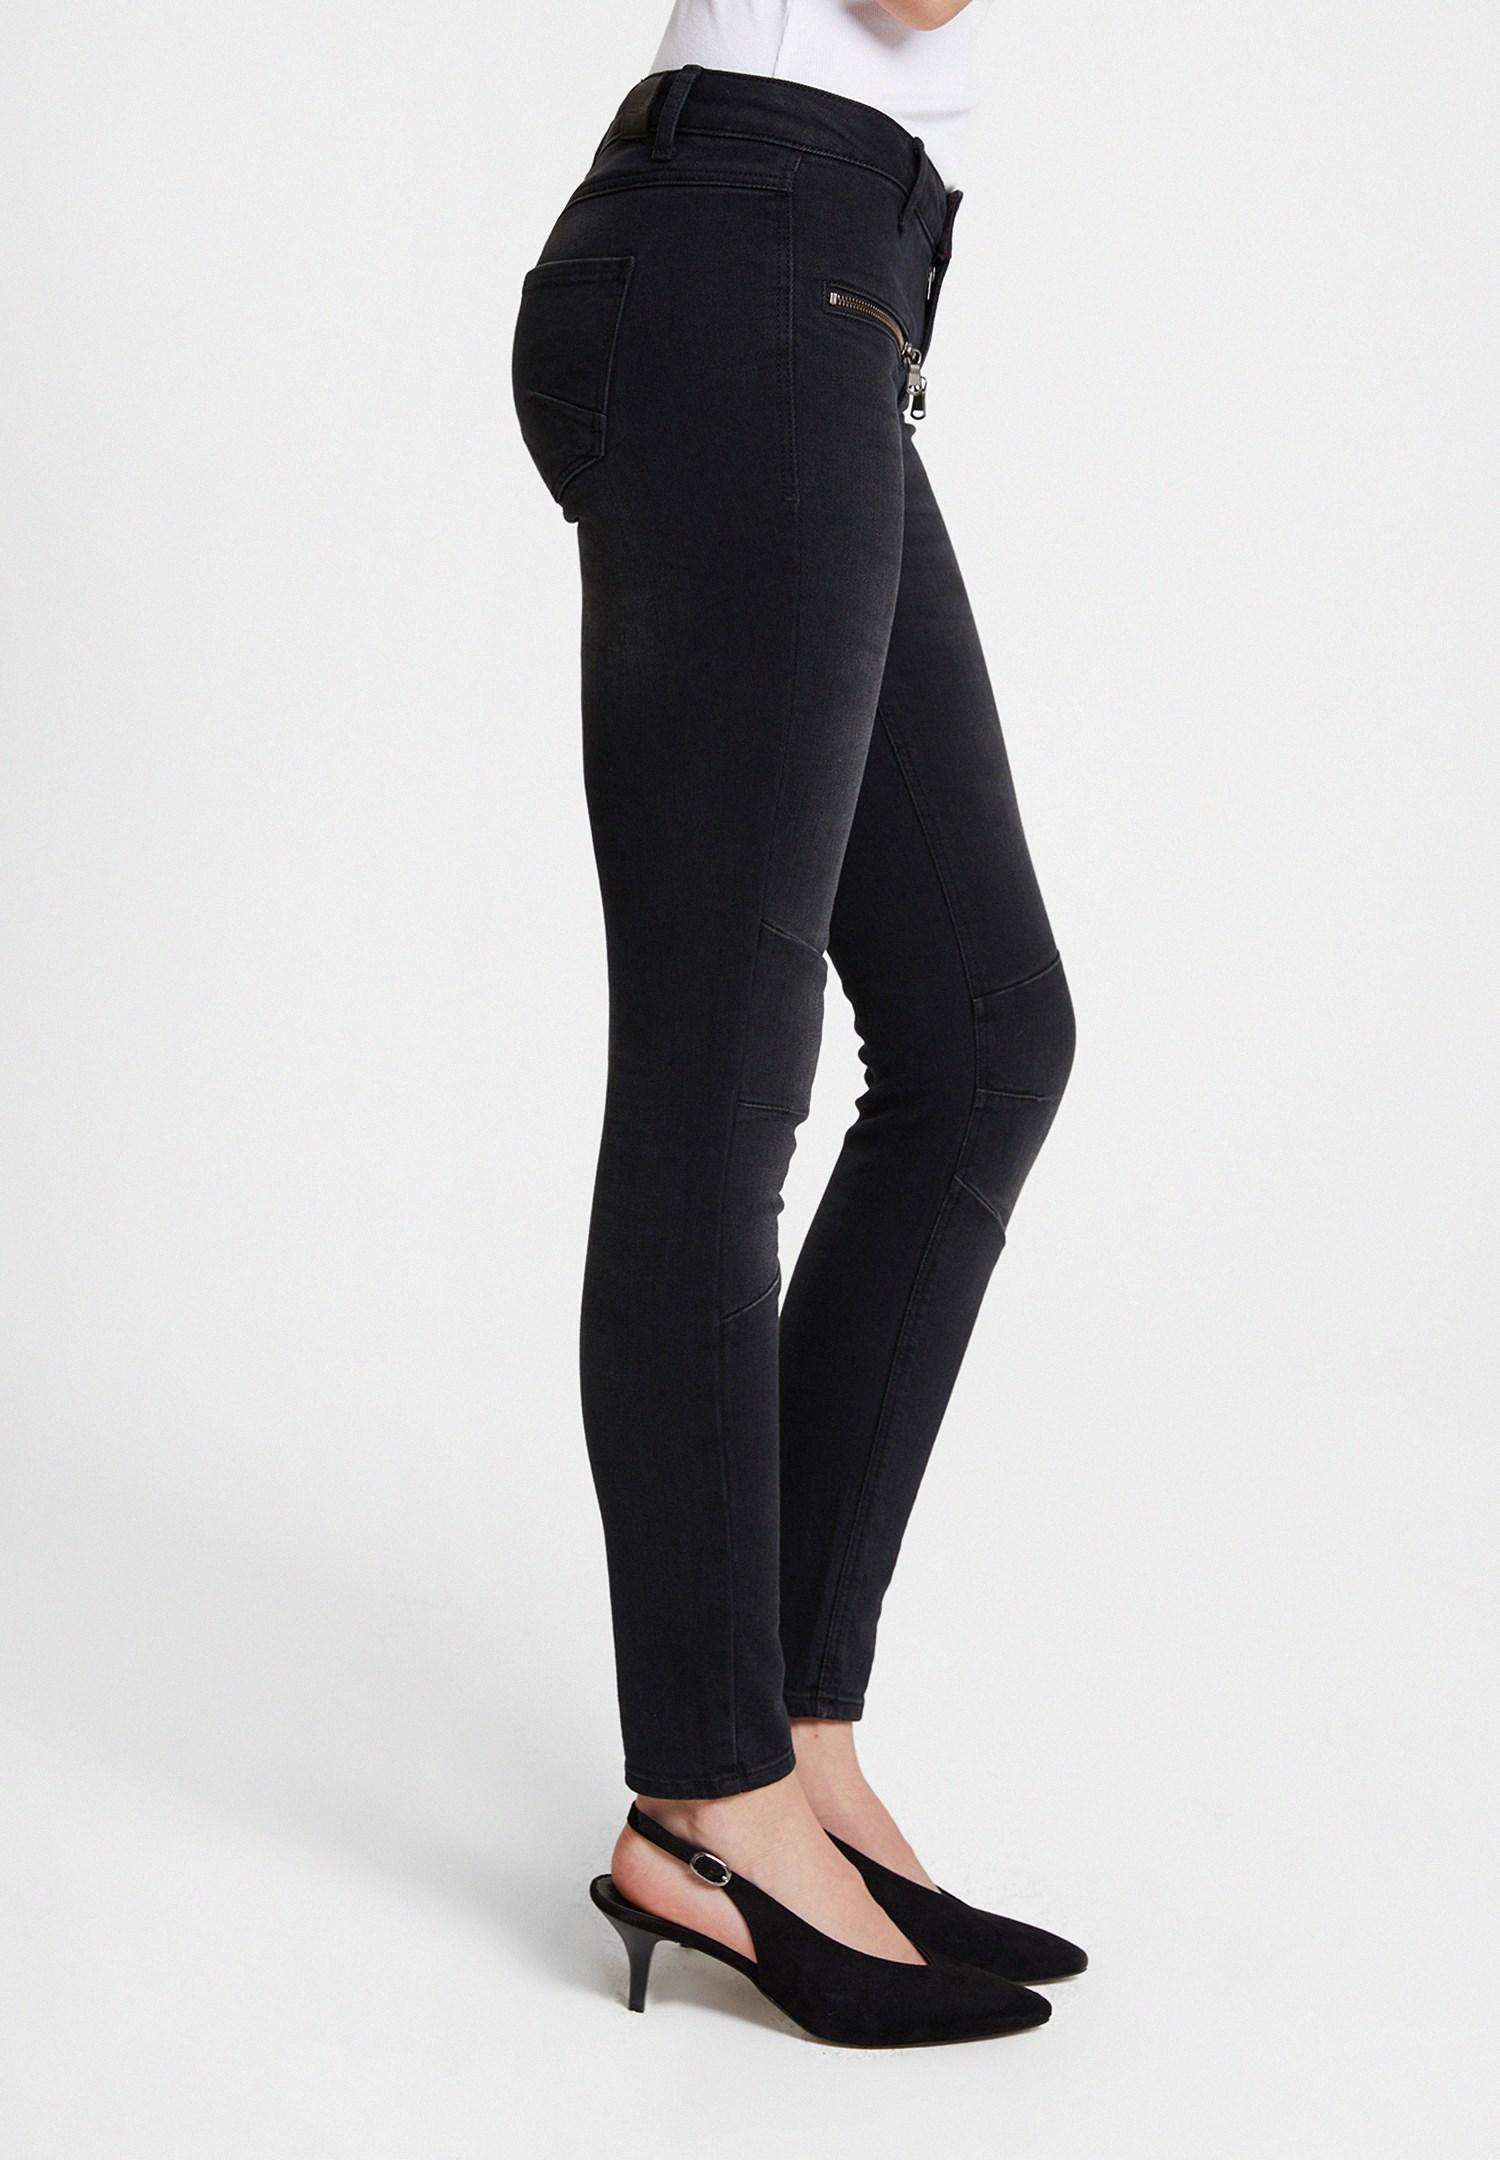 Bayan Siyah Fermuar Detaylı Düşük Bel Pantolon